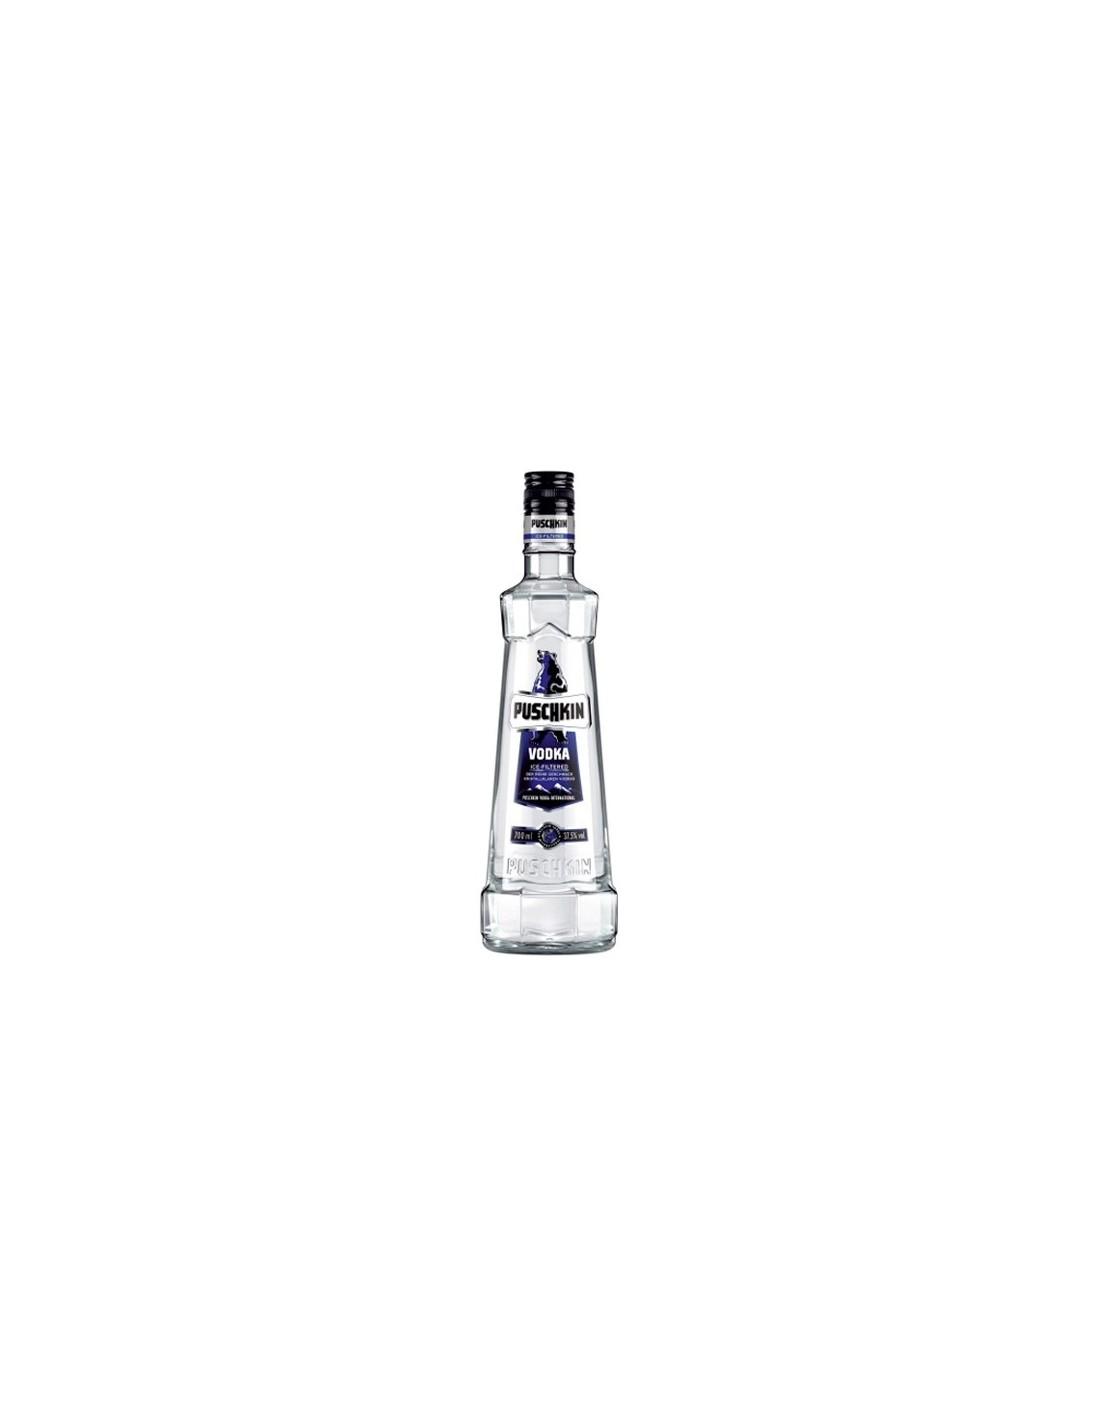 Vodca Puschkin 1L, 37.5% alc., Germania